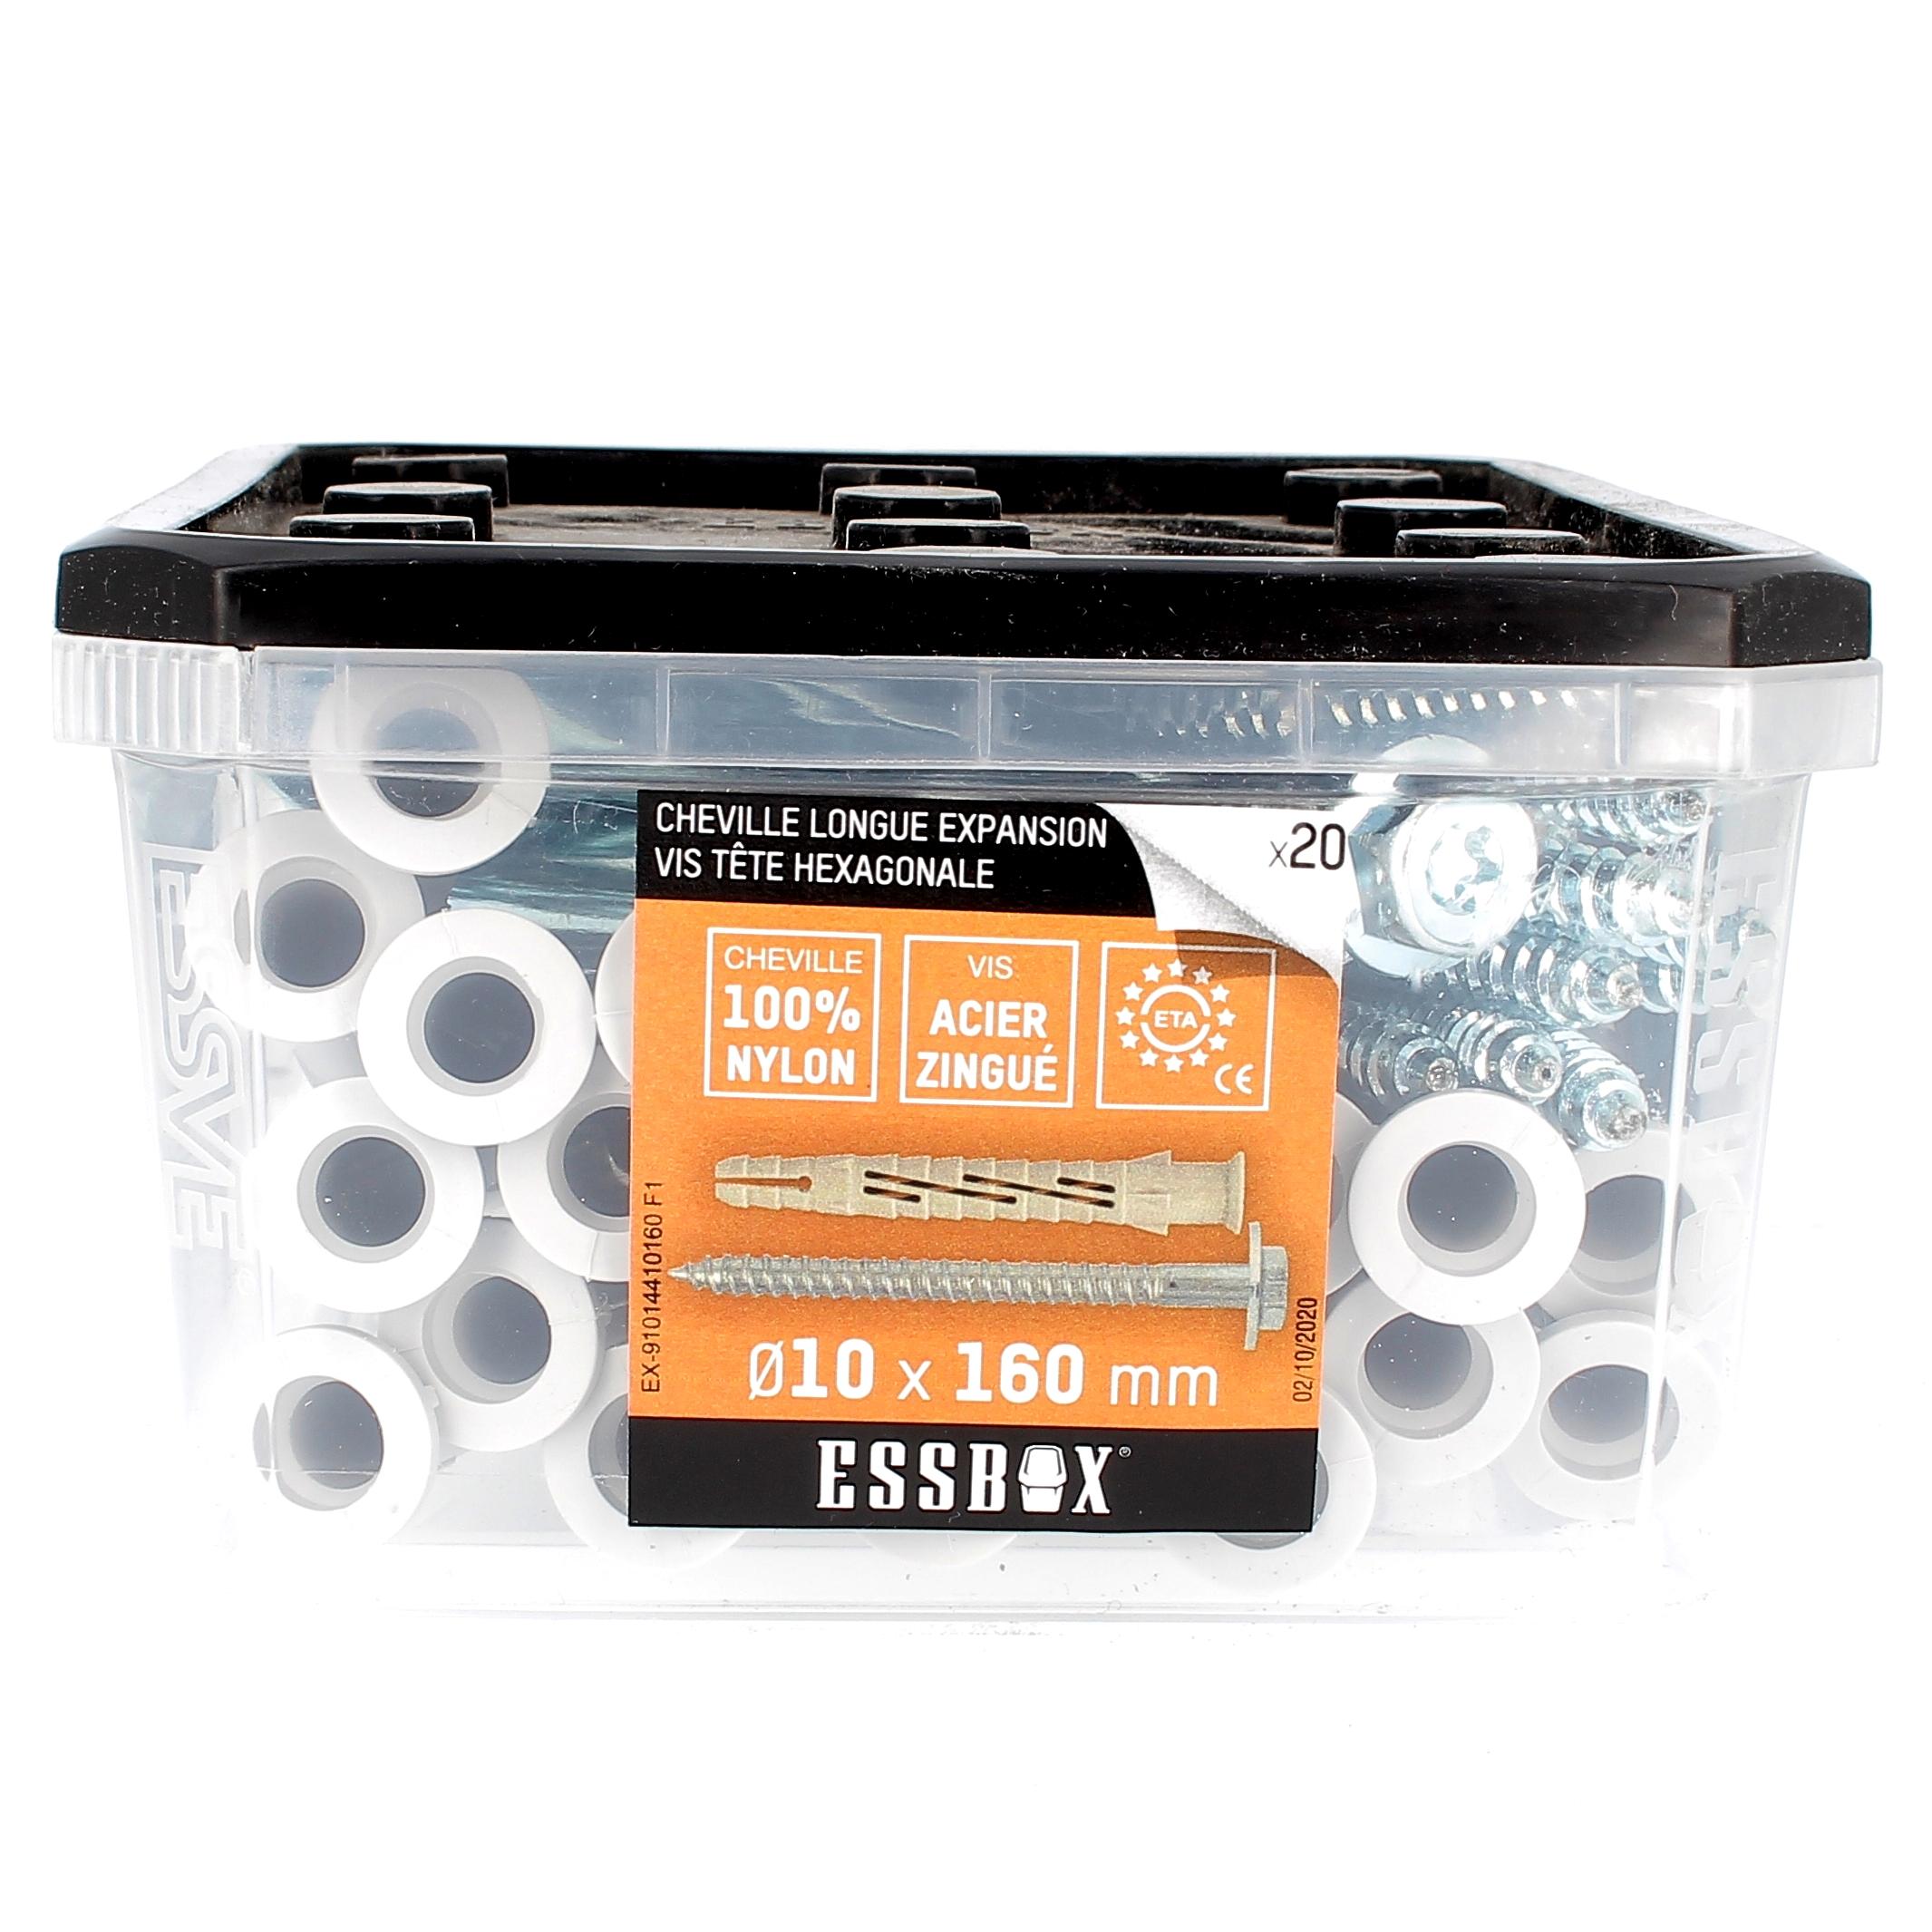 ESSBOX de 20 Chevilles Nylon Longue Expansion avec TH Embase Acier 10X160